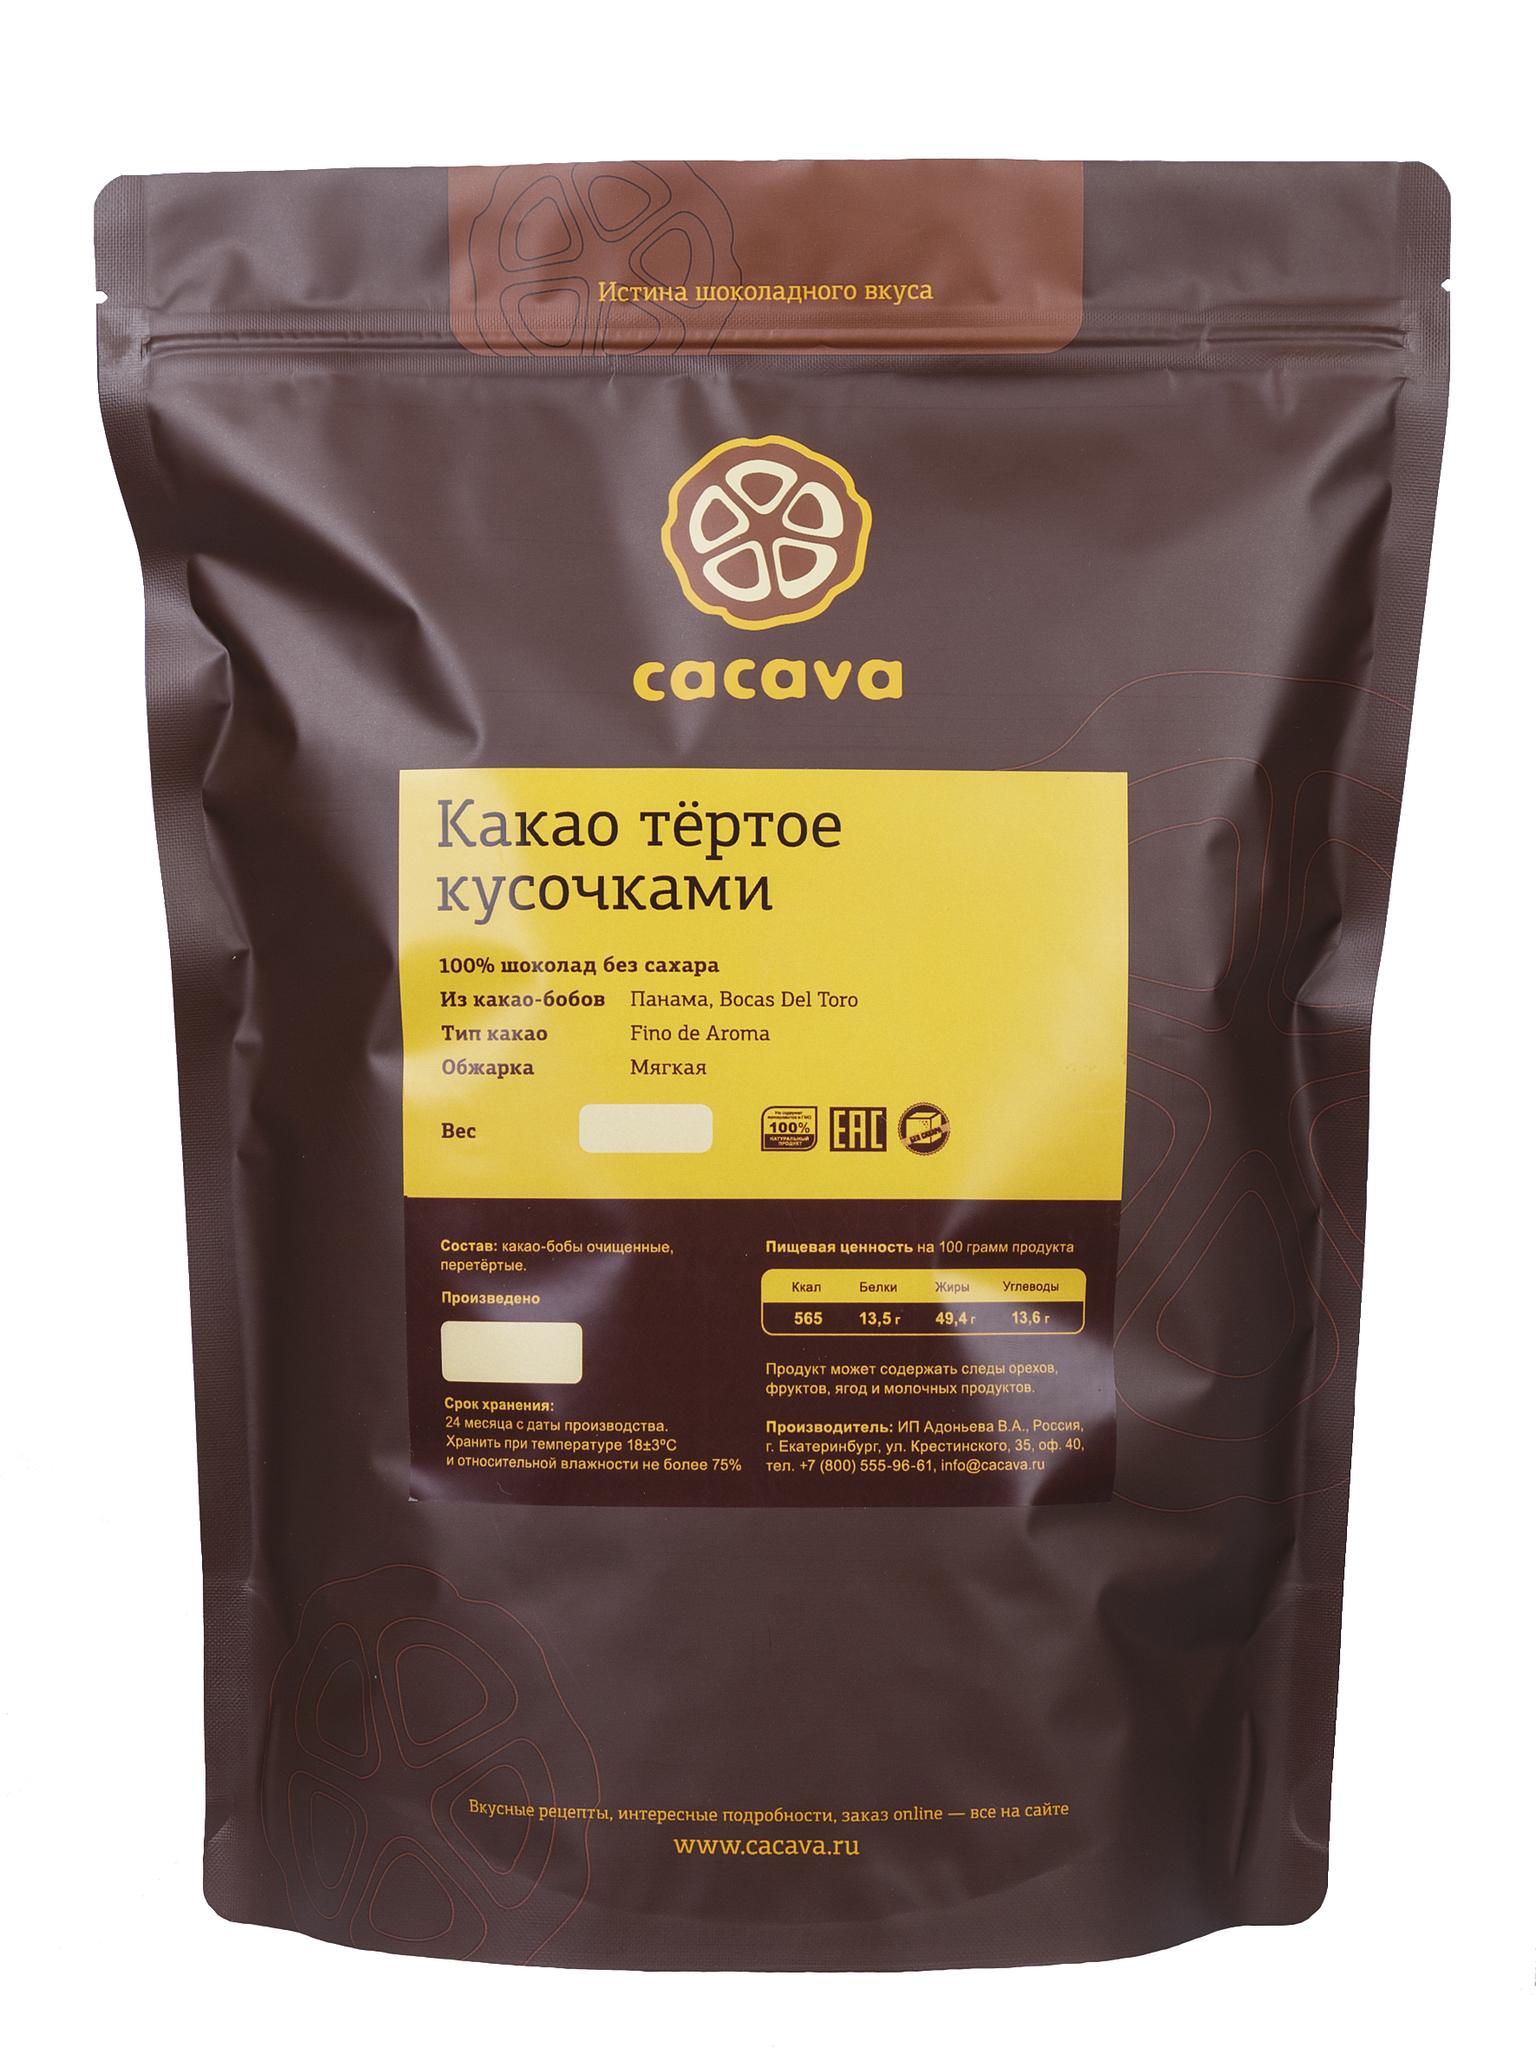 Какао тёртое кусочками (Панама), упаковка 1 кг